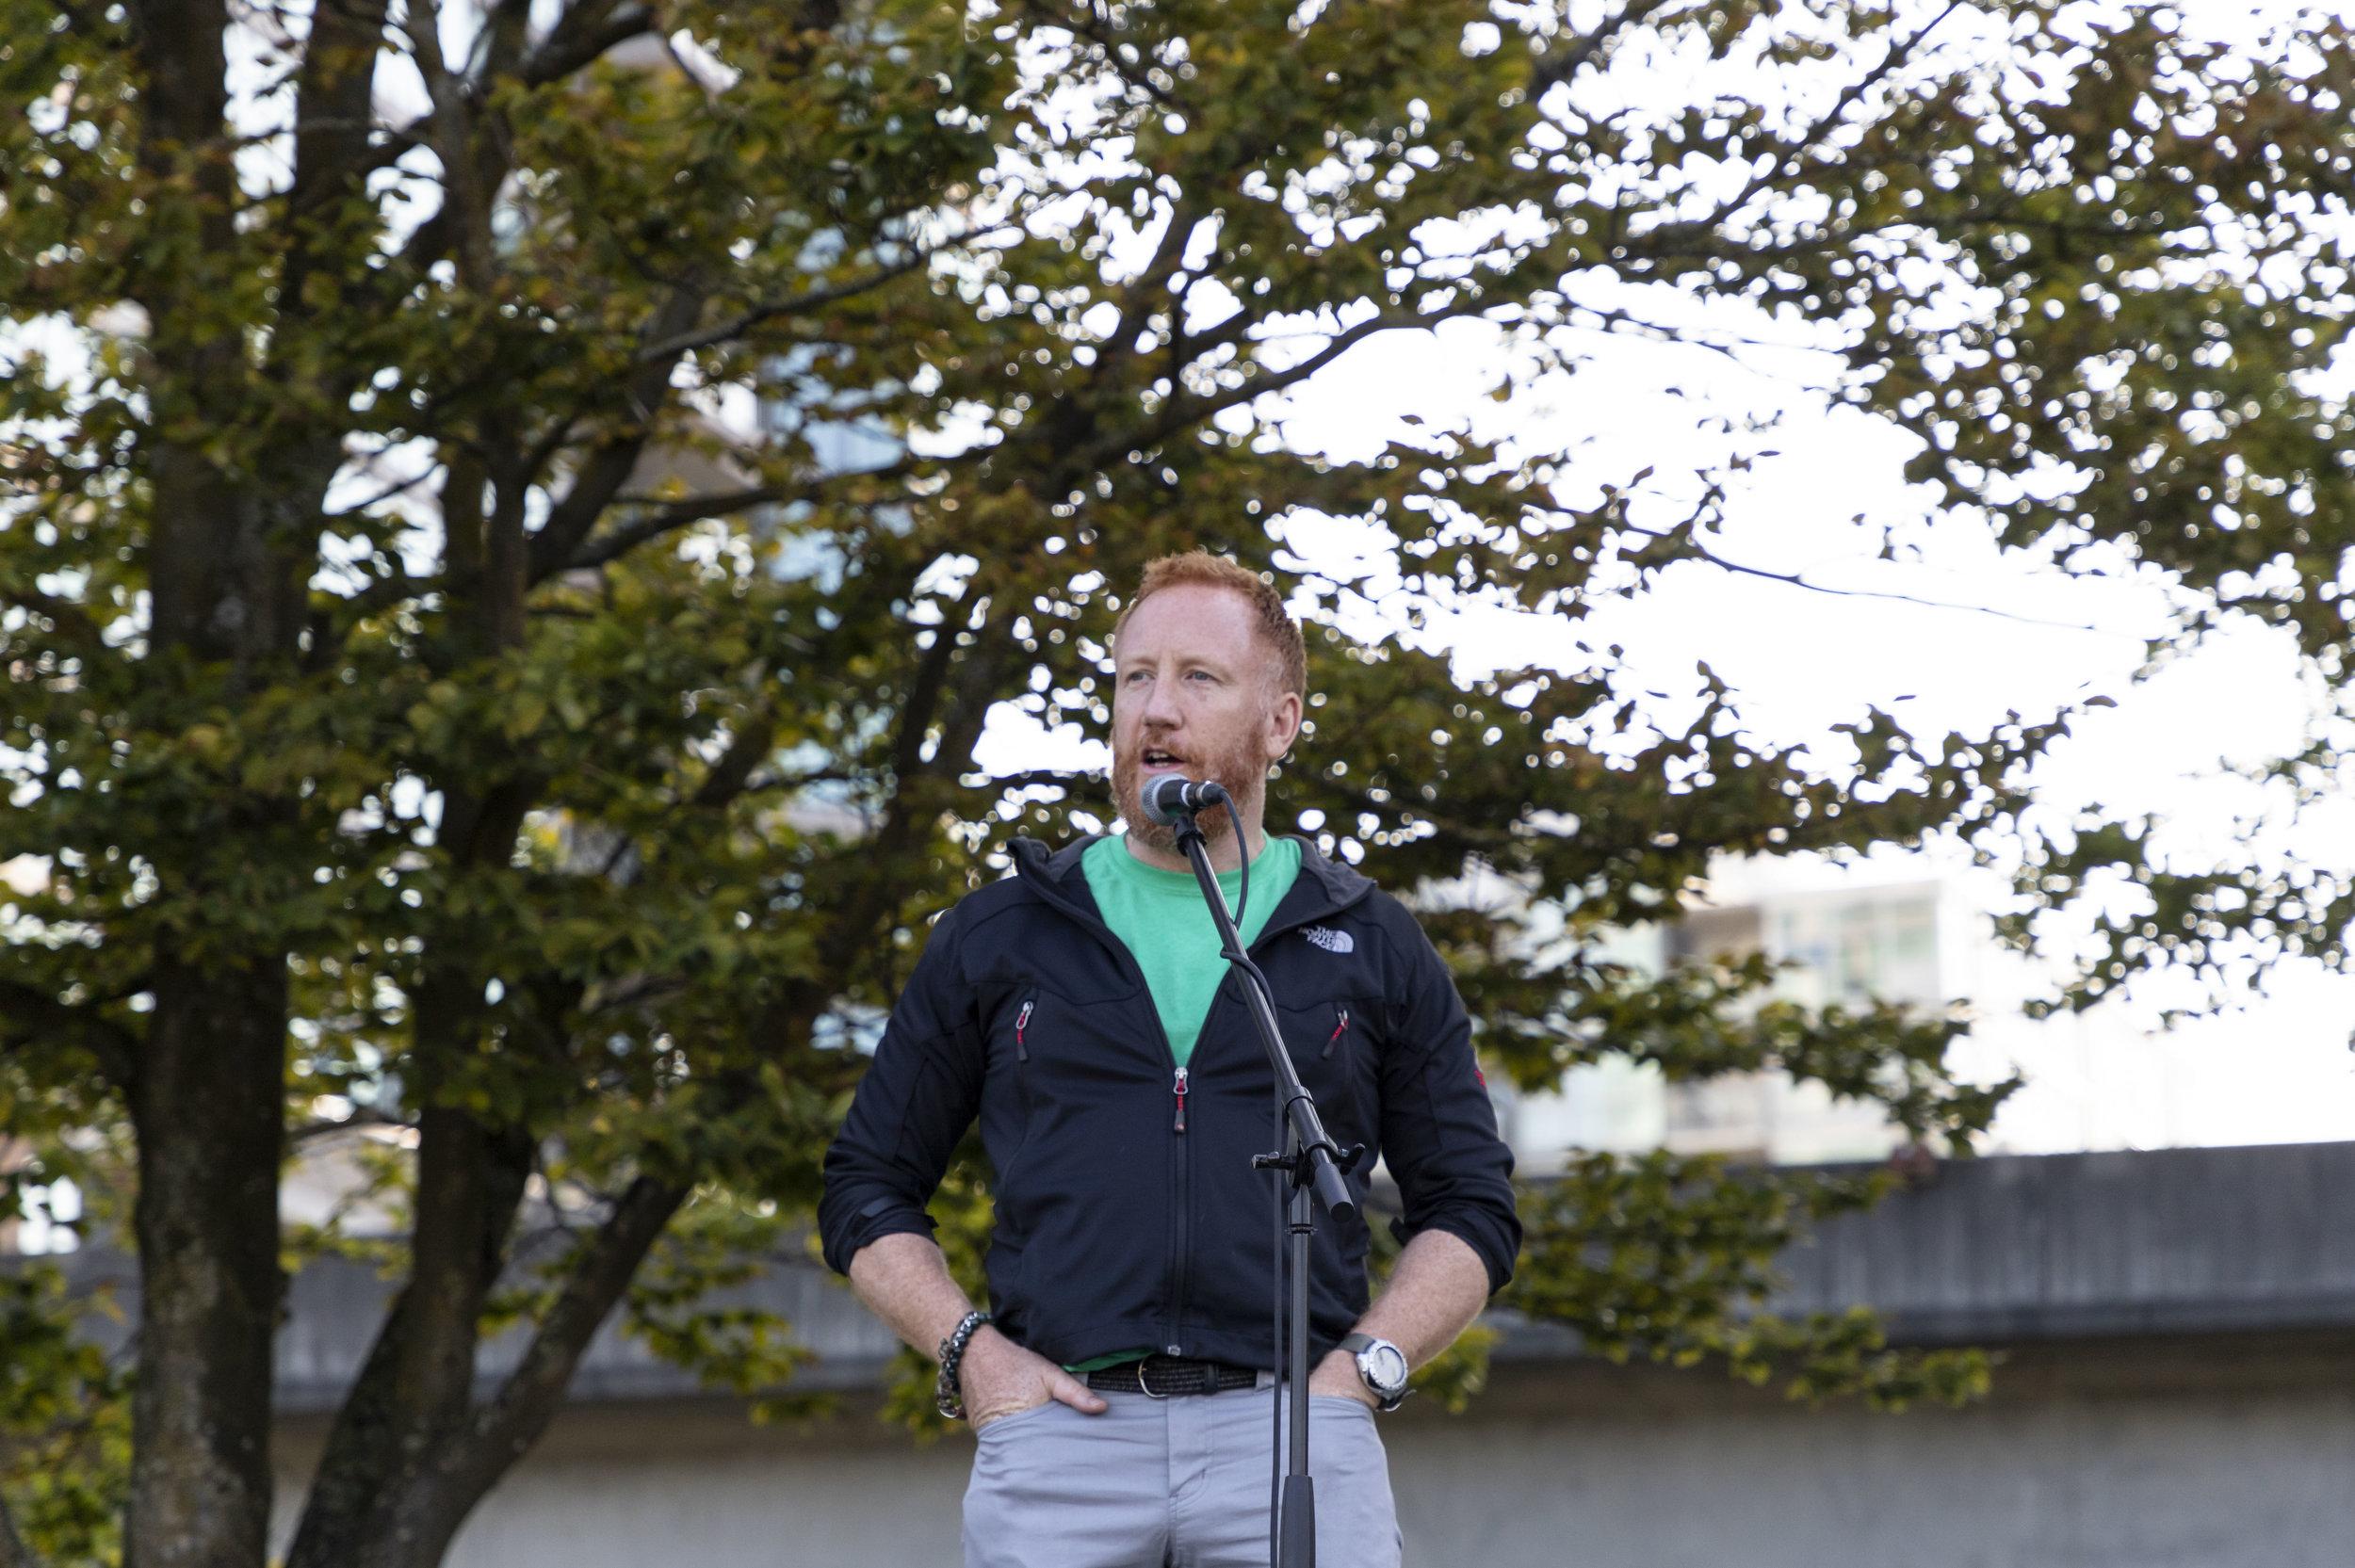 CEO Simon delivers a motivational speech.